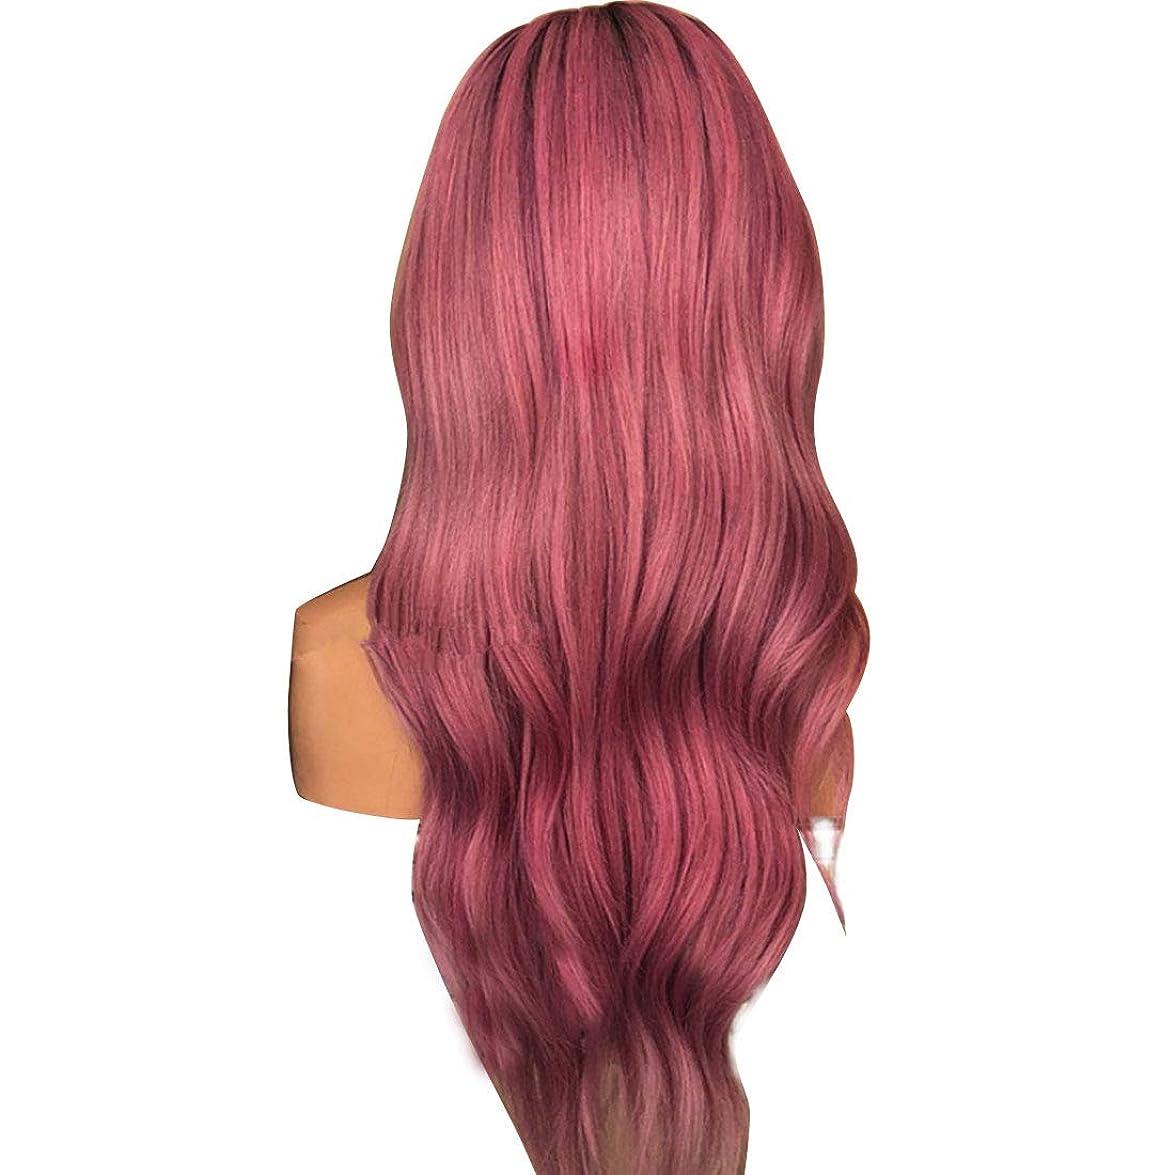 隠すこどもセンター名誉JIANFU 女性 ふわふわ 現実的な かつら 複数の色 大きな波 長いウィッグ 耐熱 ウィッグ 長さ65cm (Color : Black gradient citron purple)